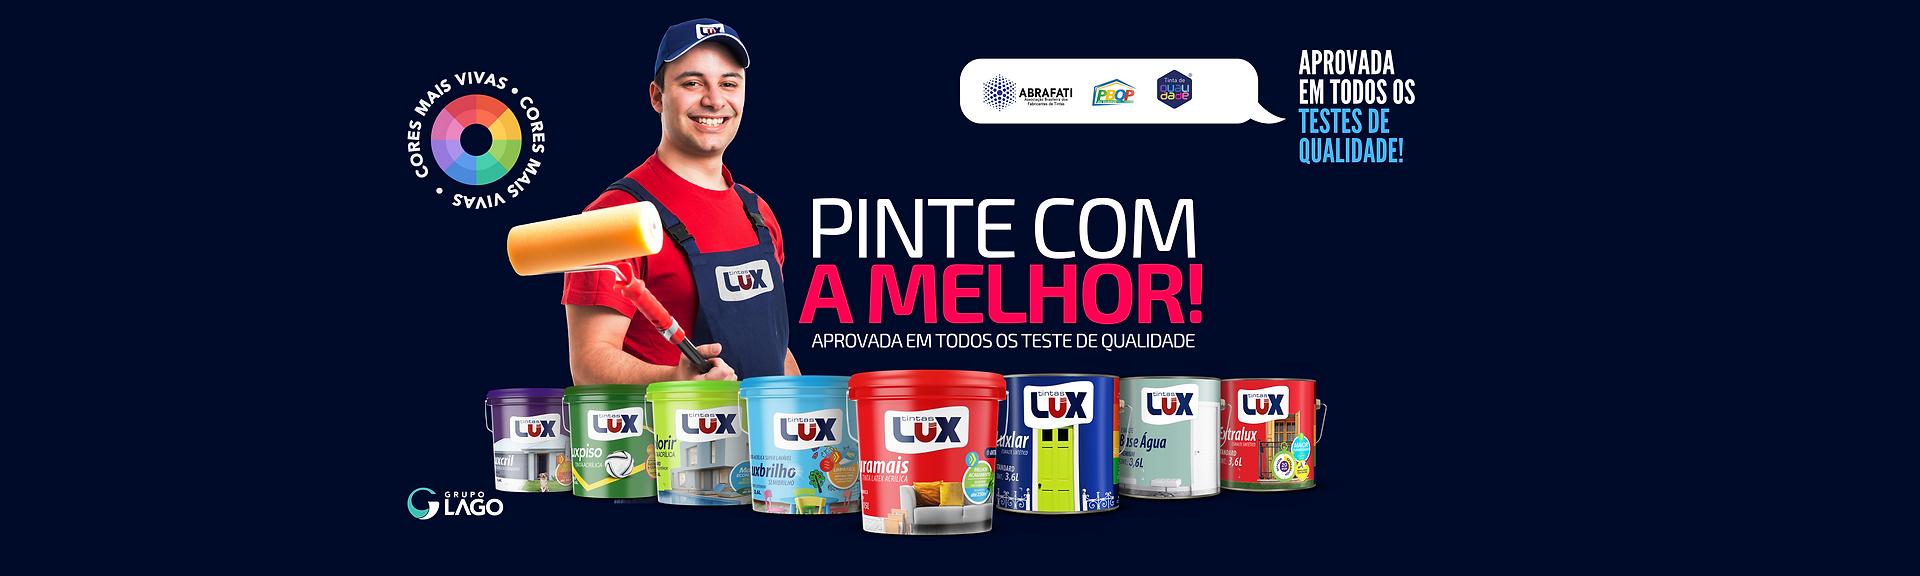 Lux Faixa.png